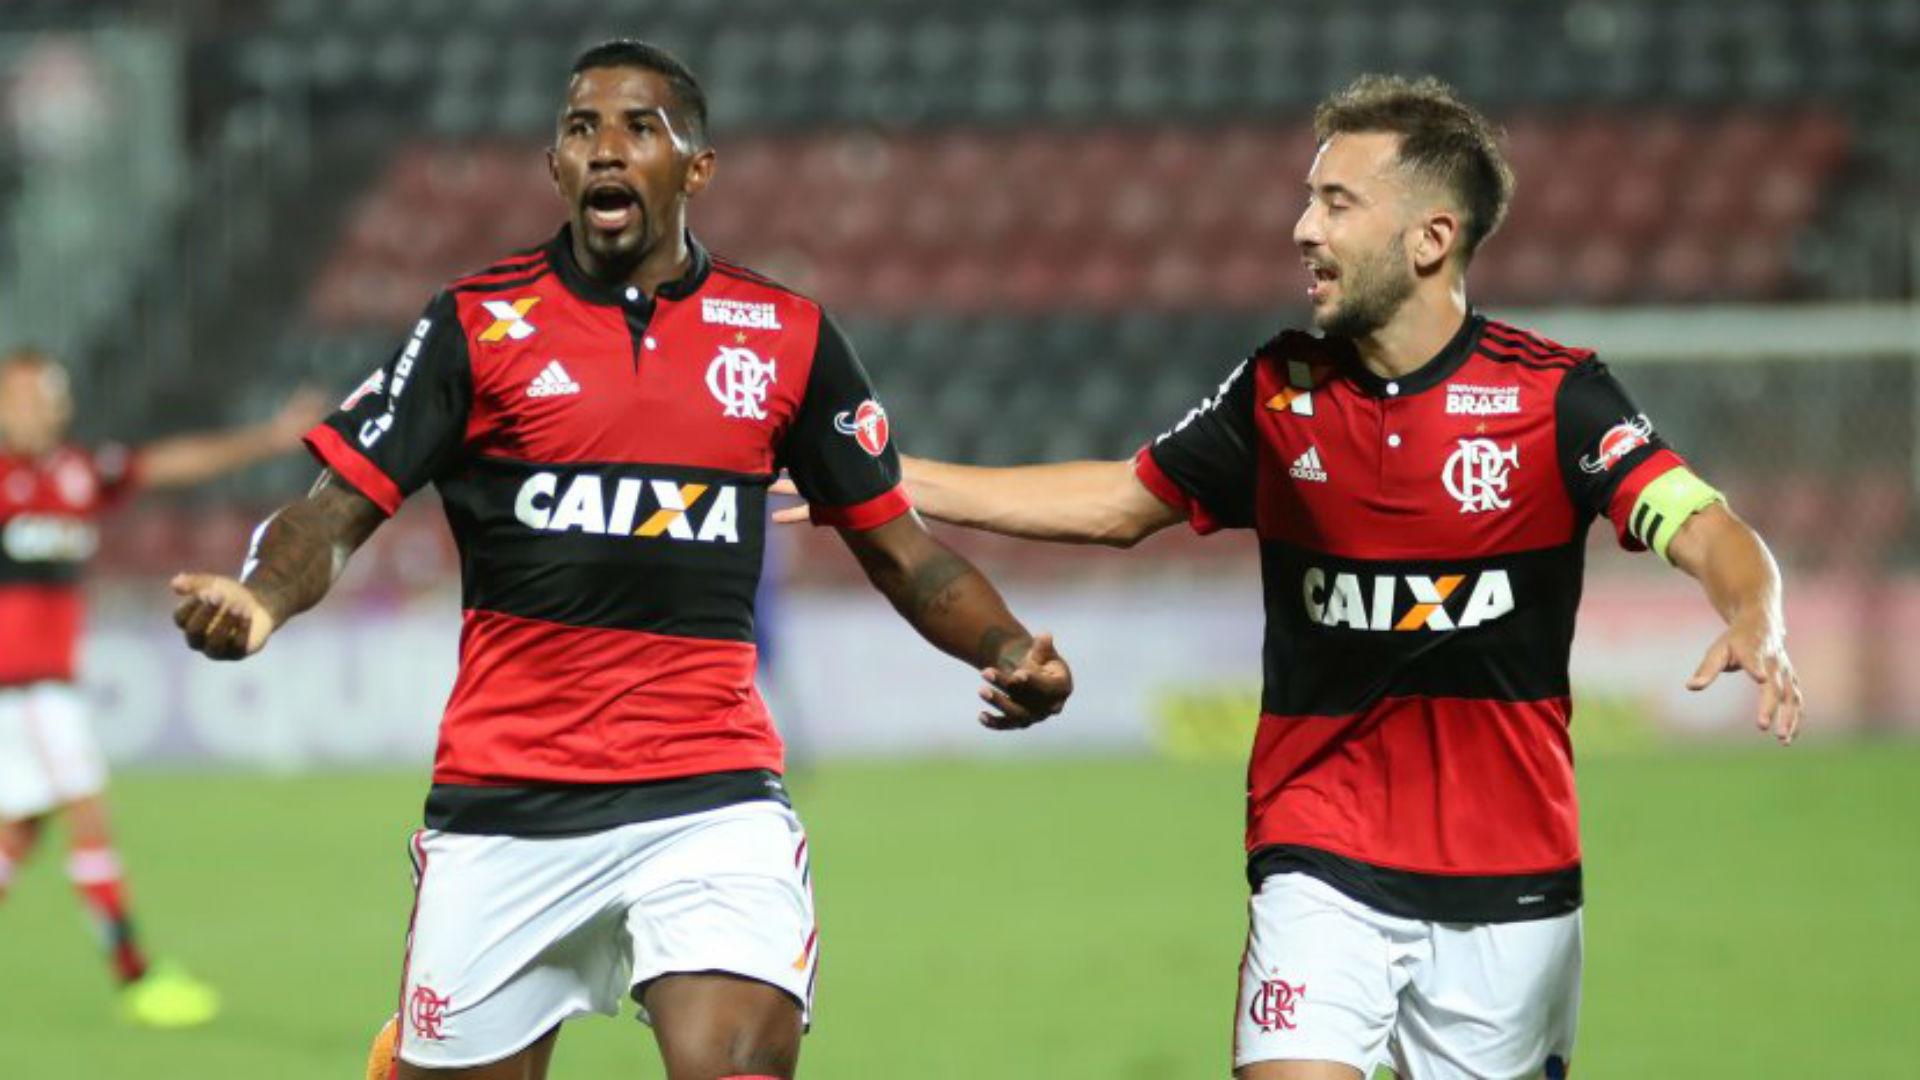 Chapecoense x Flamengo ao vivo - Veja onde assistir